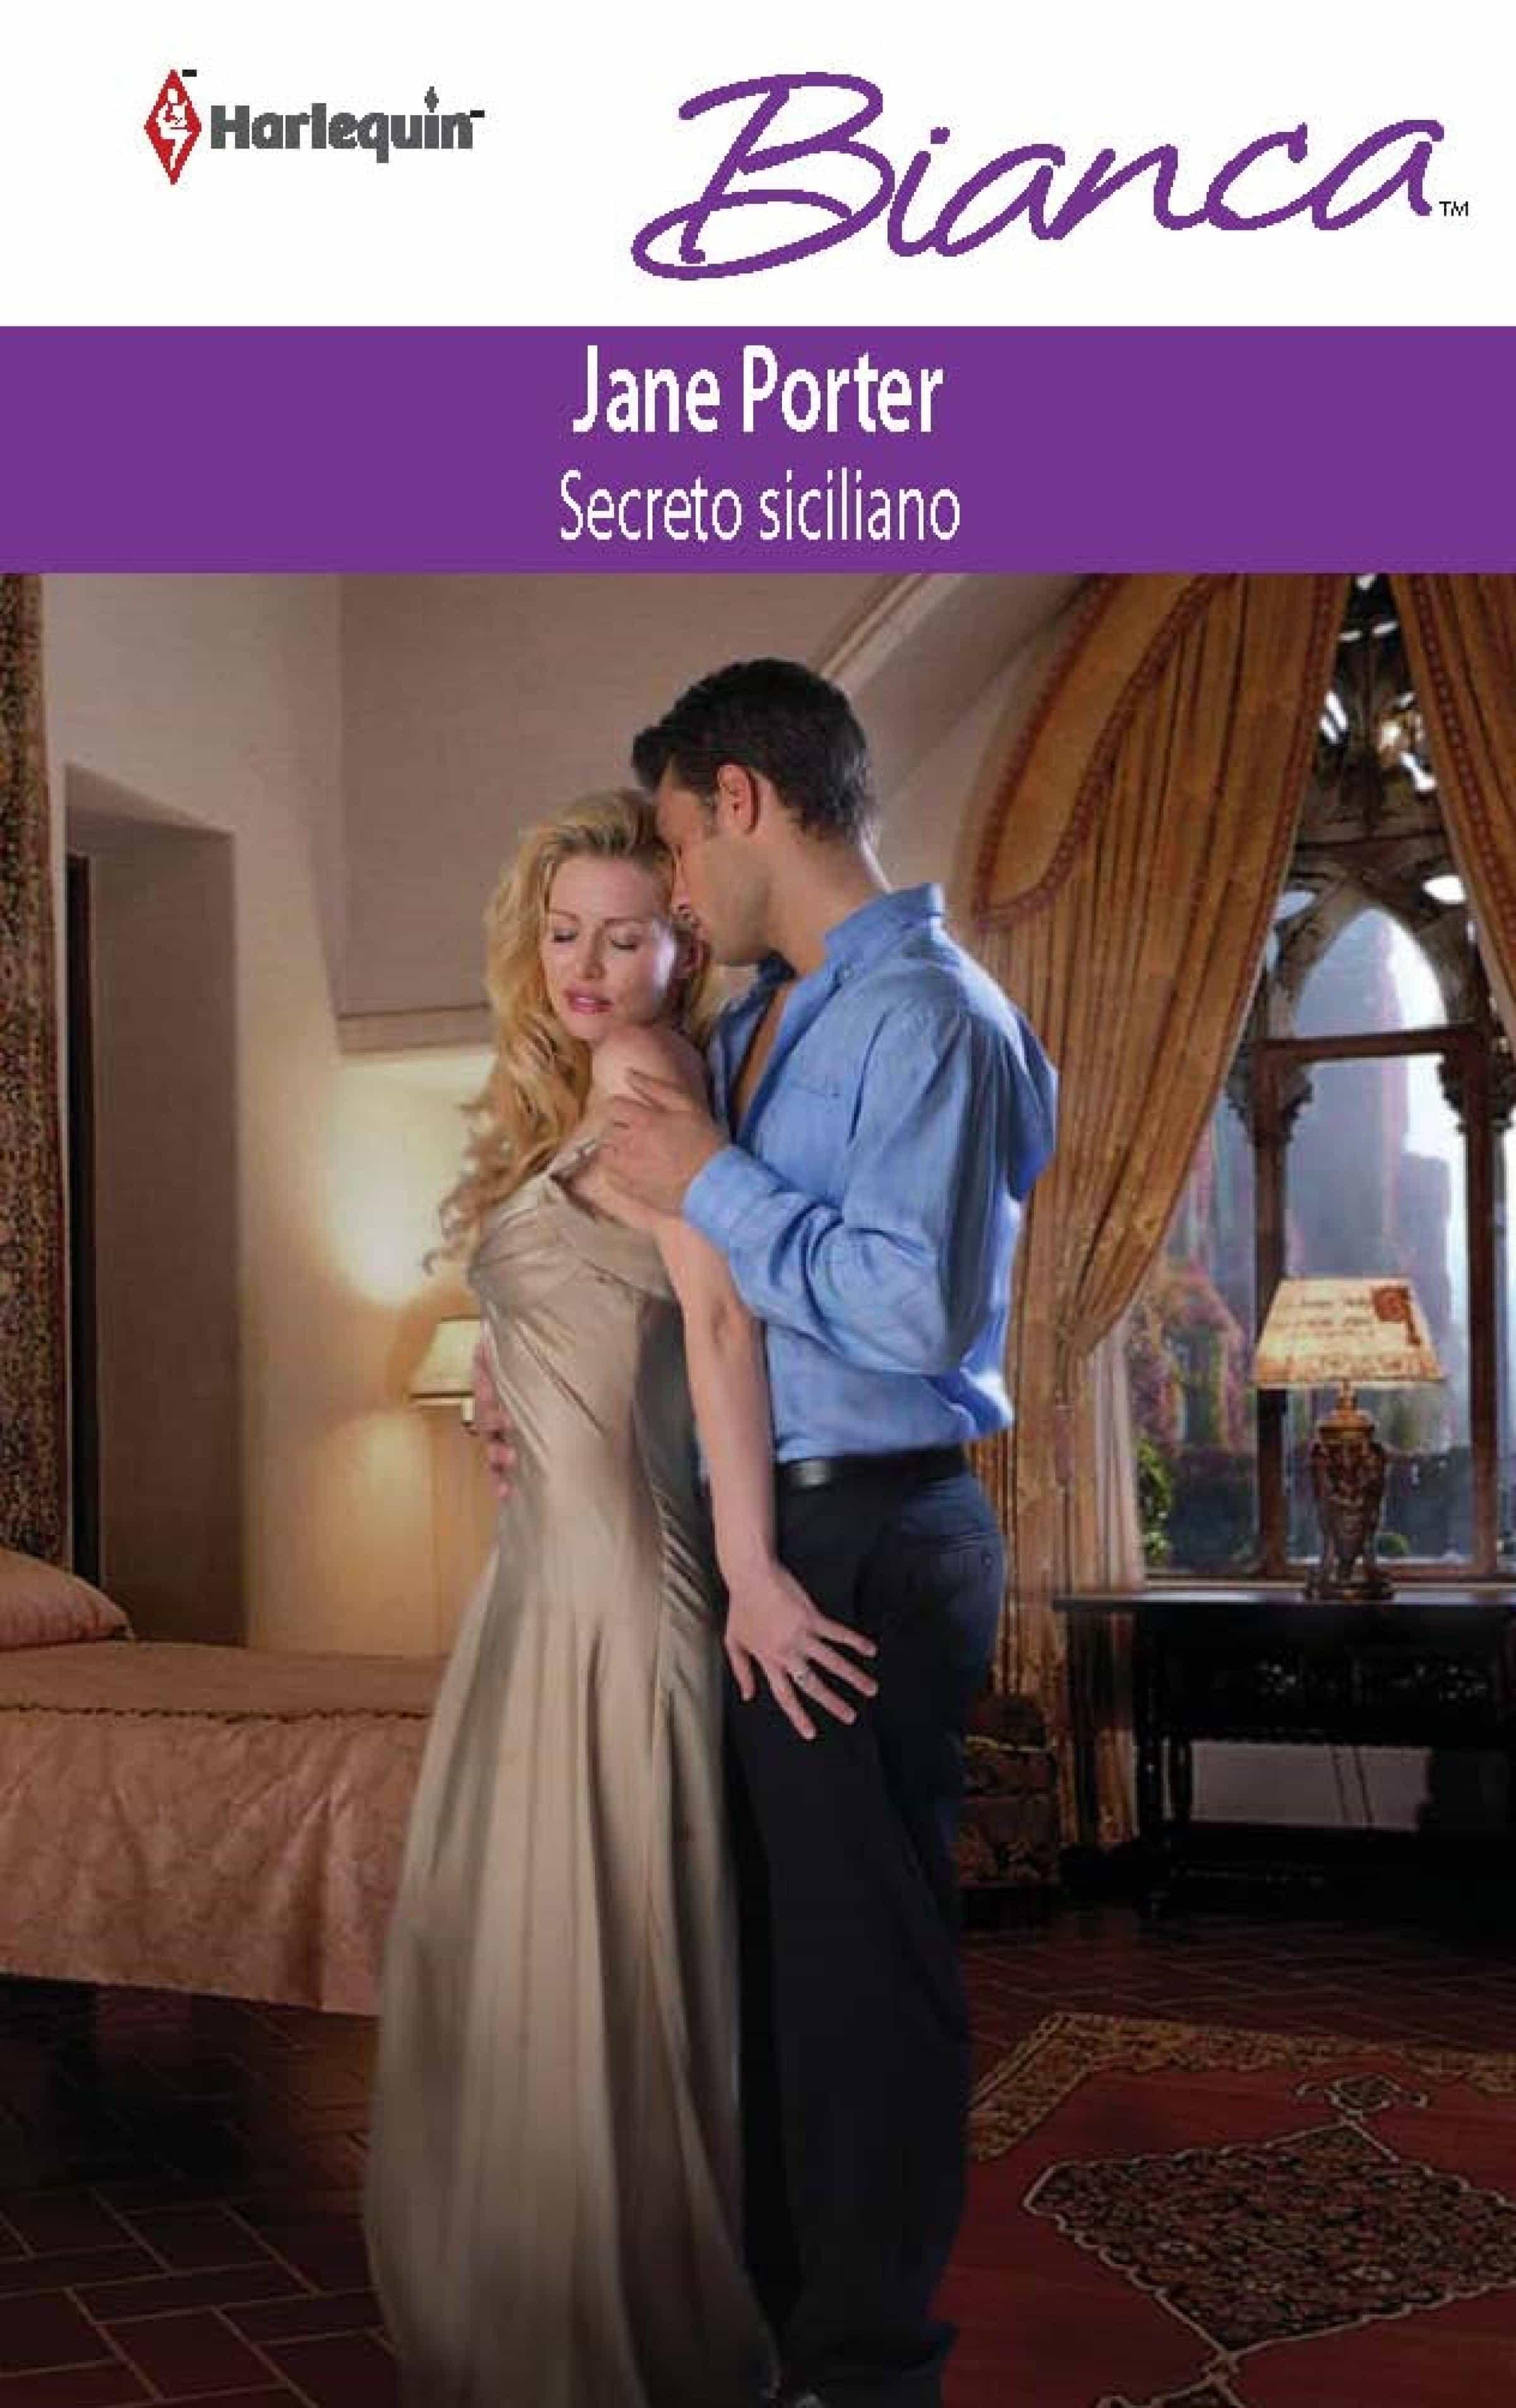 Secreto siciliano ebook jane porter descargar libro pdf o epub secreto siciliano ebook jane porter 9788490105399 fandeluxe Image collections